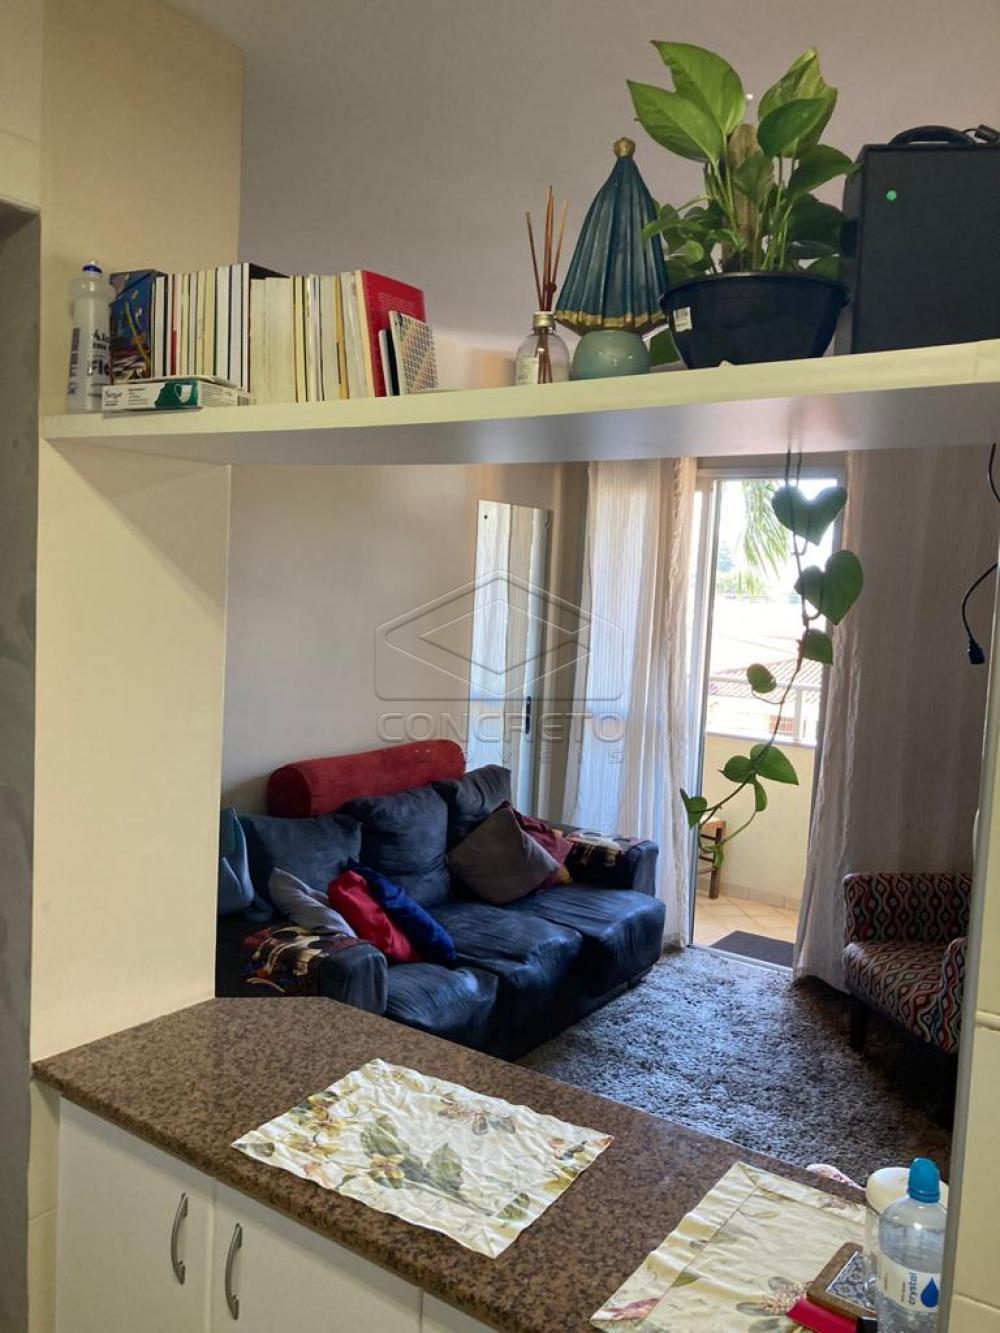 Comprar Apartamento / Padrão em Bauru R$ 170.000,00 - Foto 8